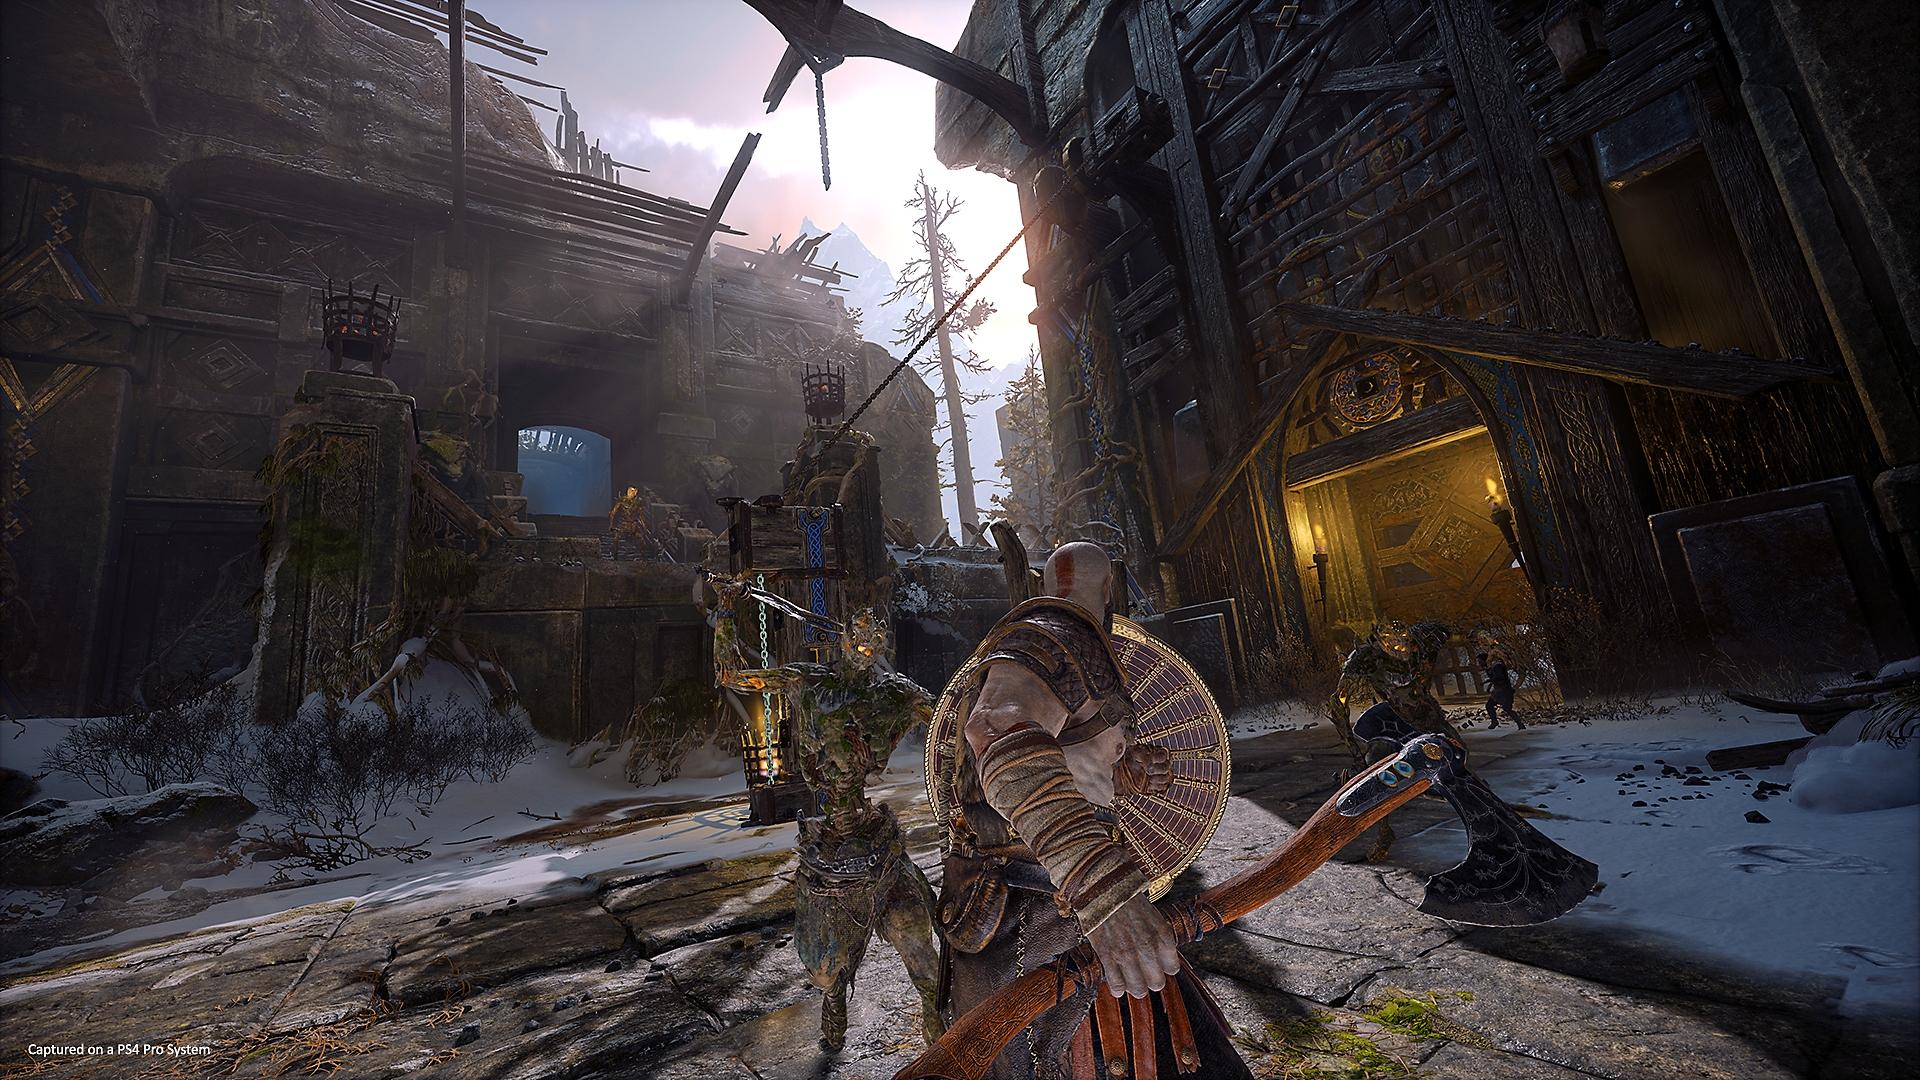 دليل PlayStation للعبة God of War - لقطة شاشة المستويات